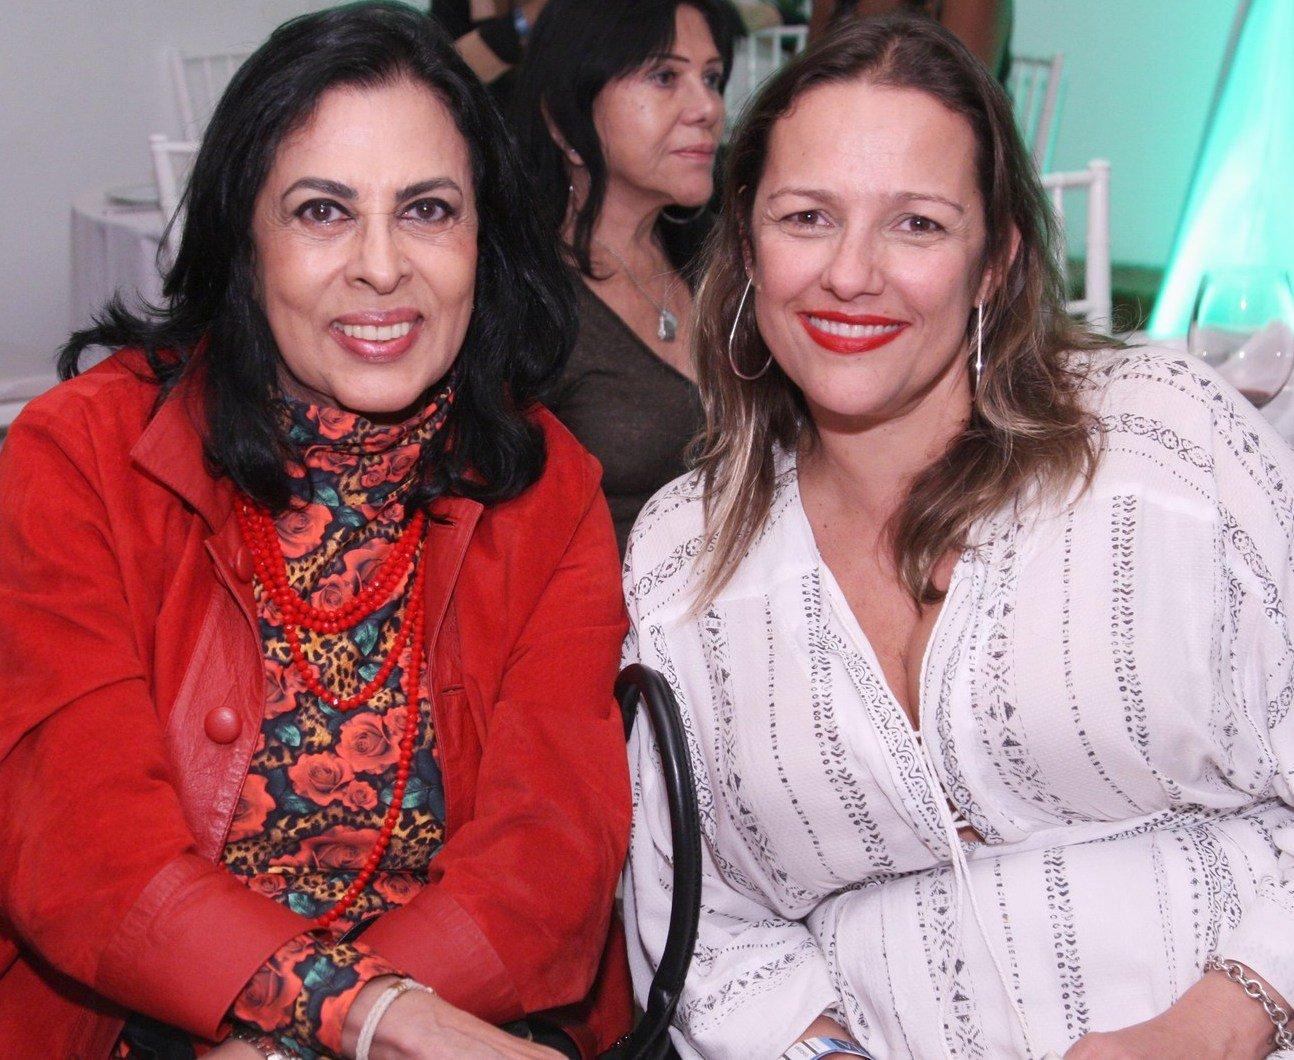 Maria Luiza Mendonça e Juliana Mendes  - Fotos: Vera Donato